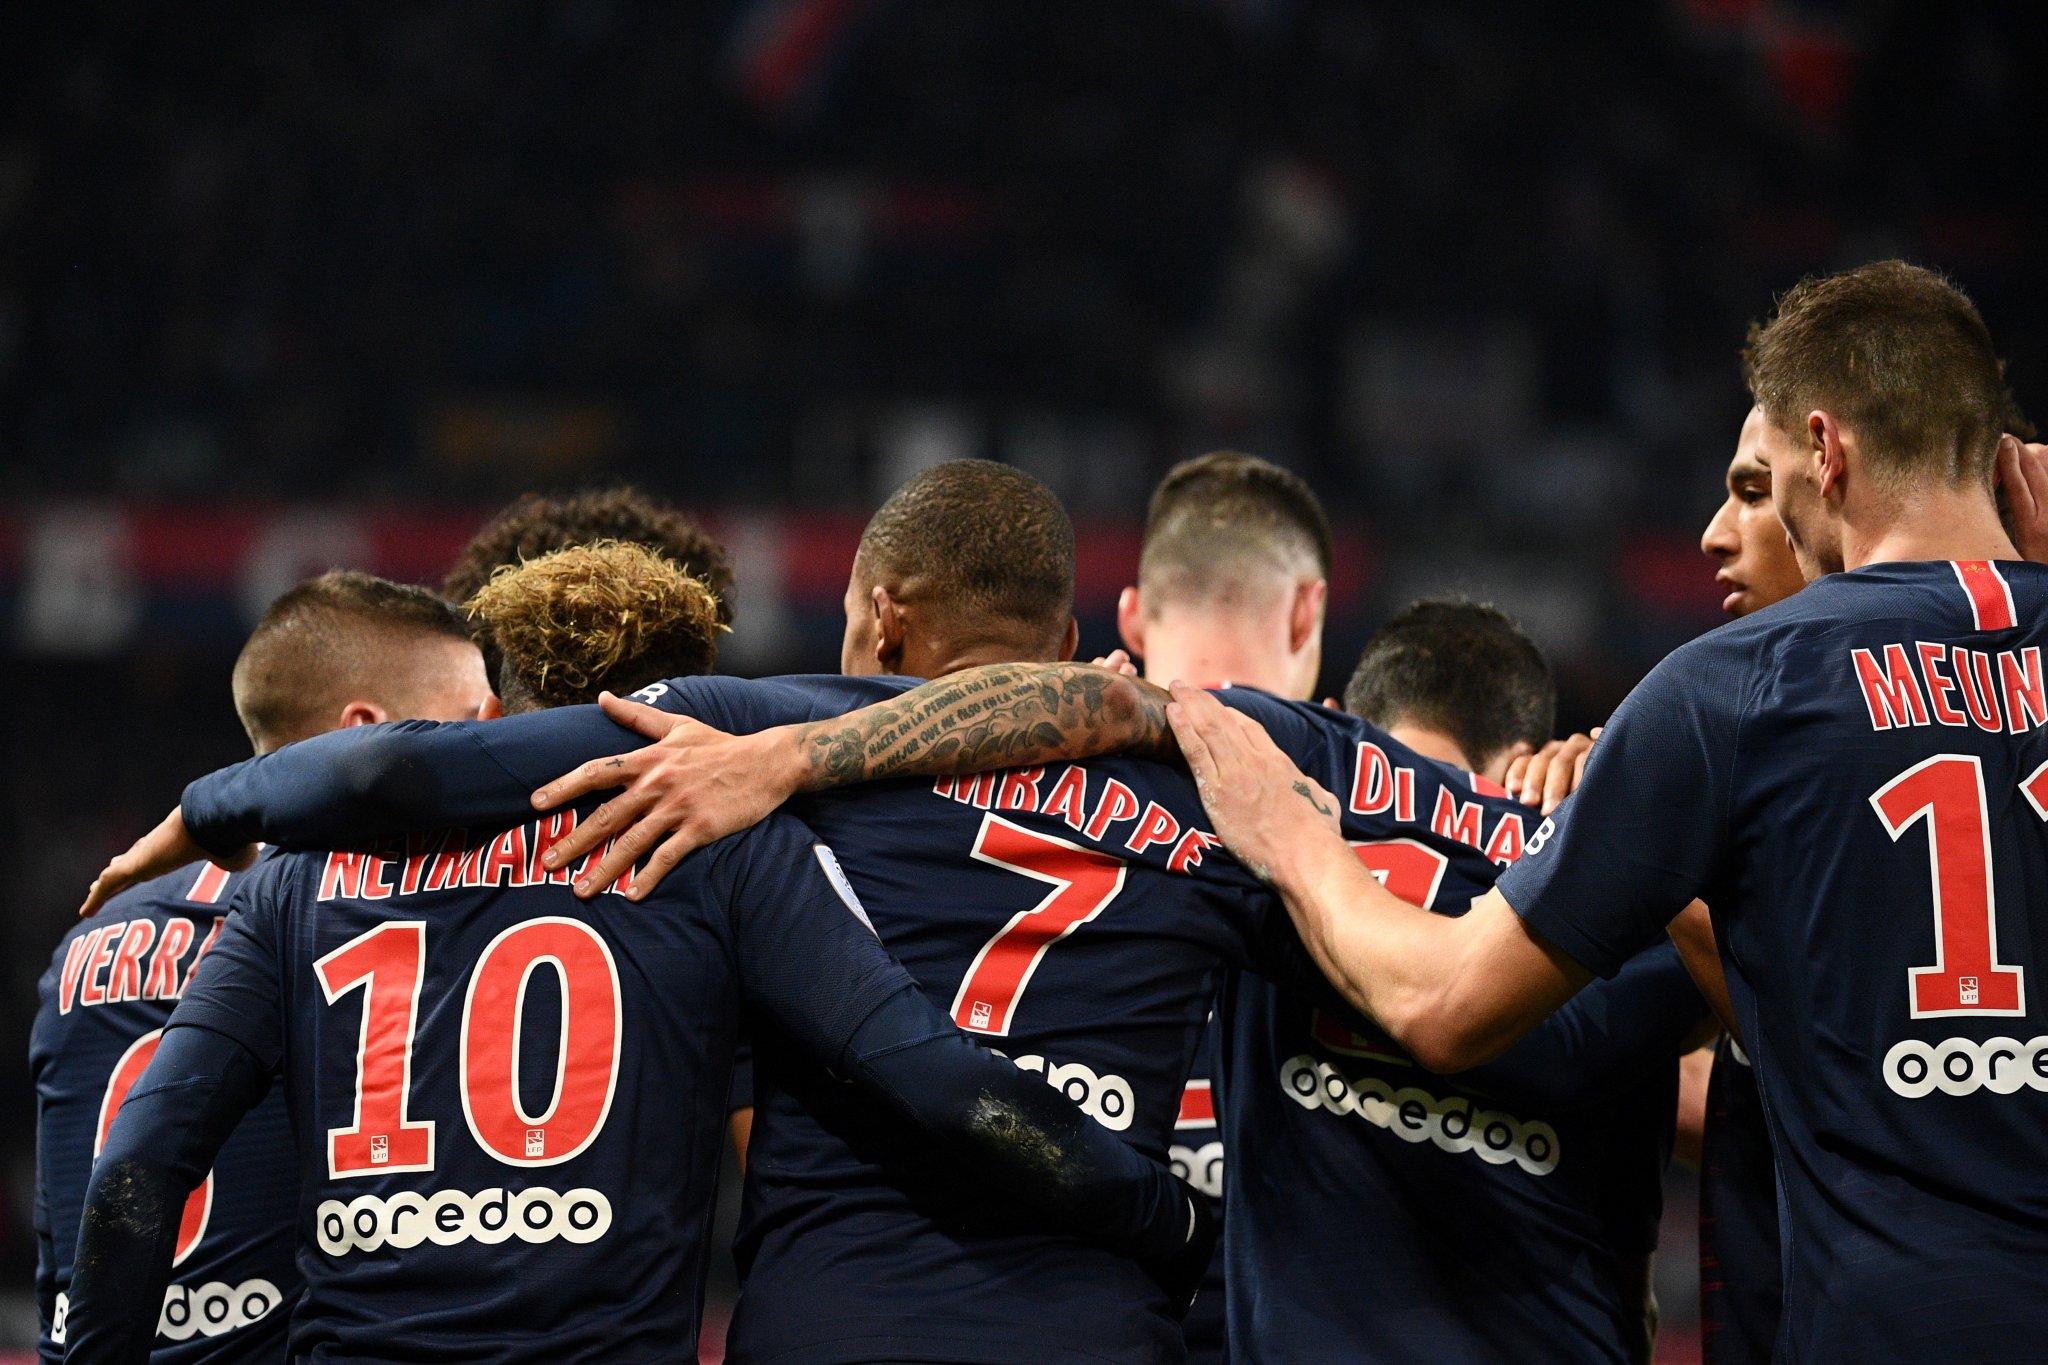 14连胜!巴黎圣日耳曼刷新队史法甲连胜纪录